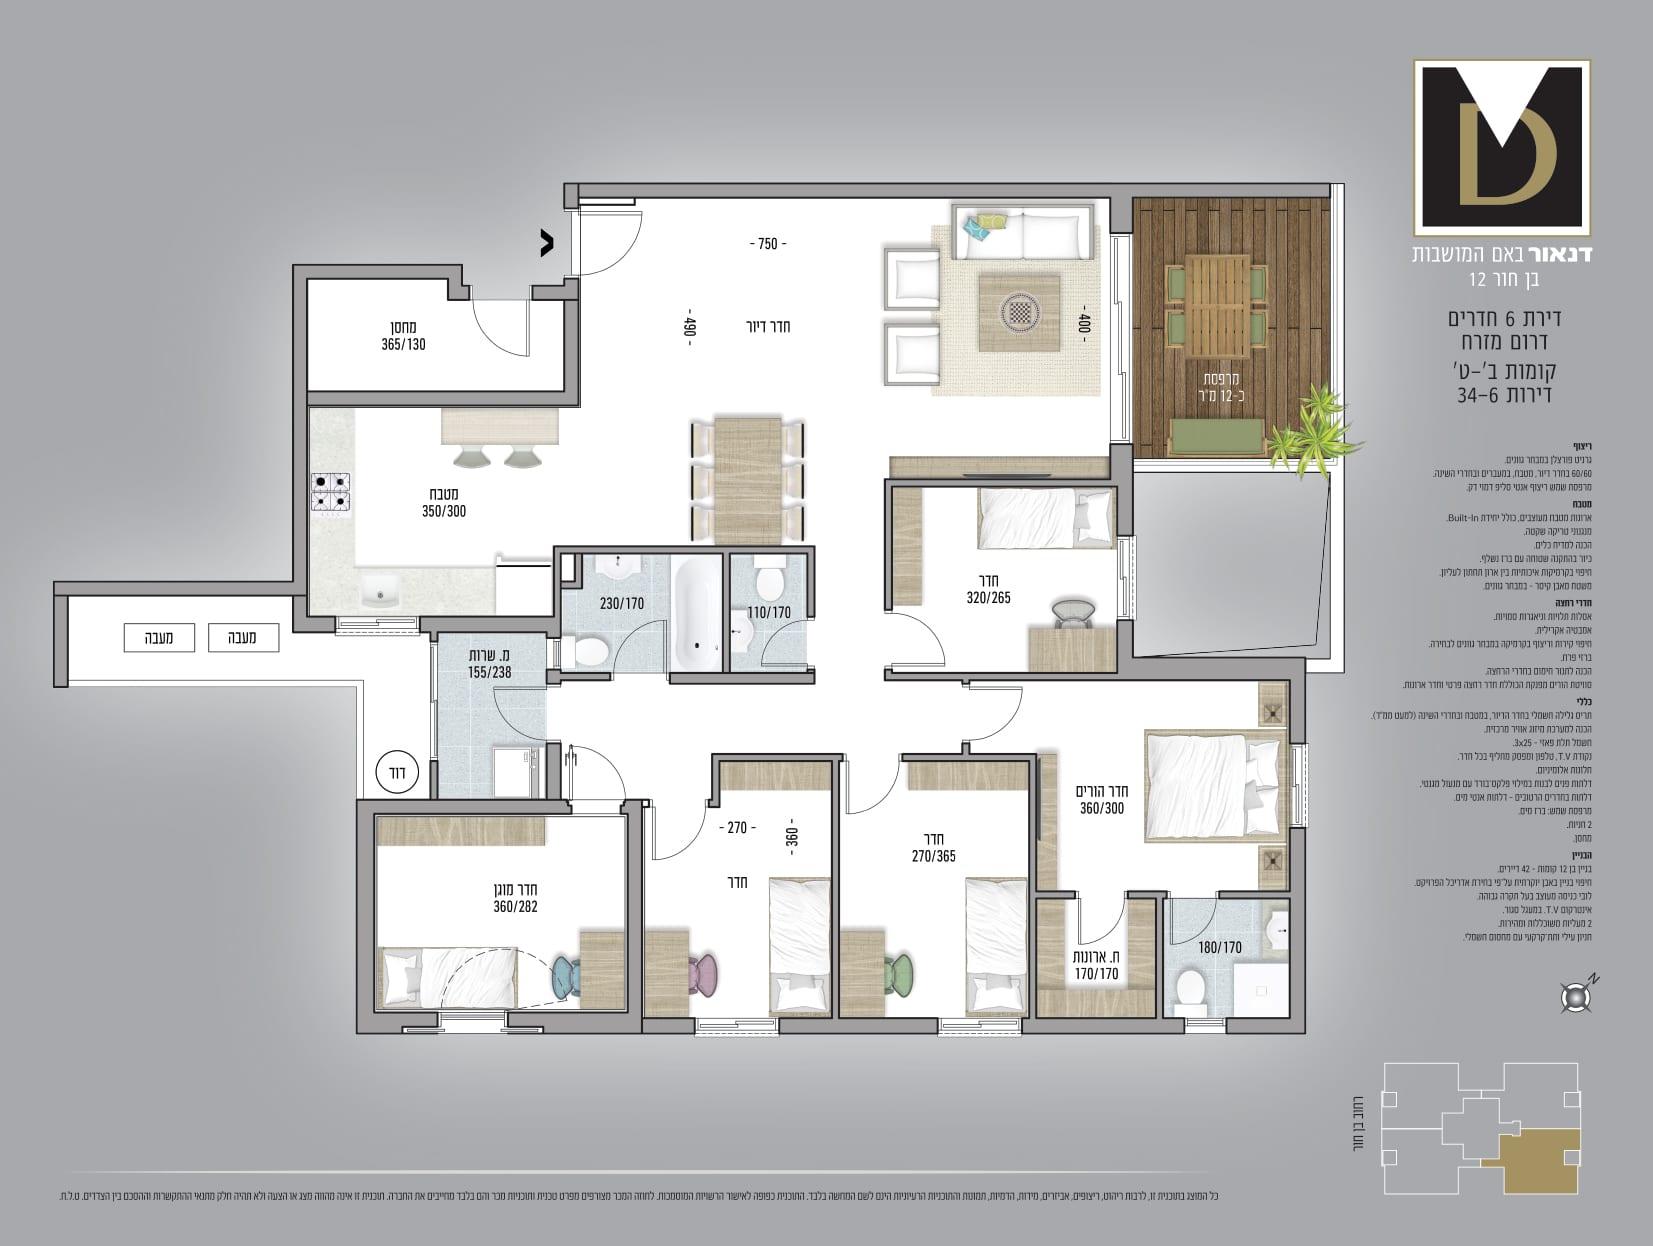 דירת 6 חדרים, קומות 2-9, דירות מספר 6-34